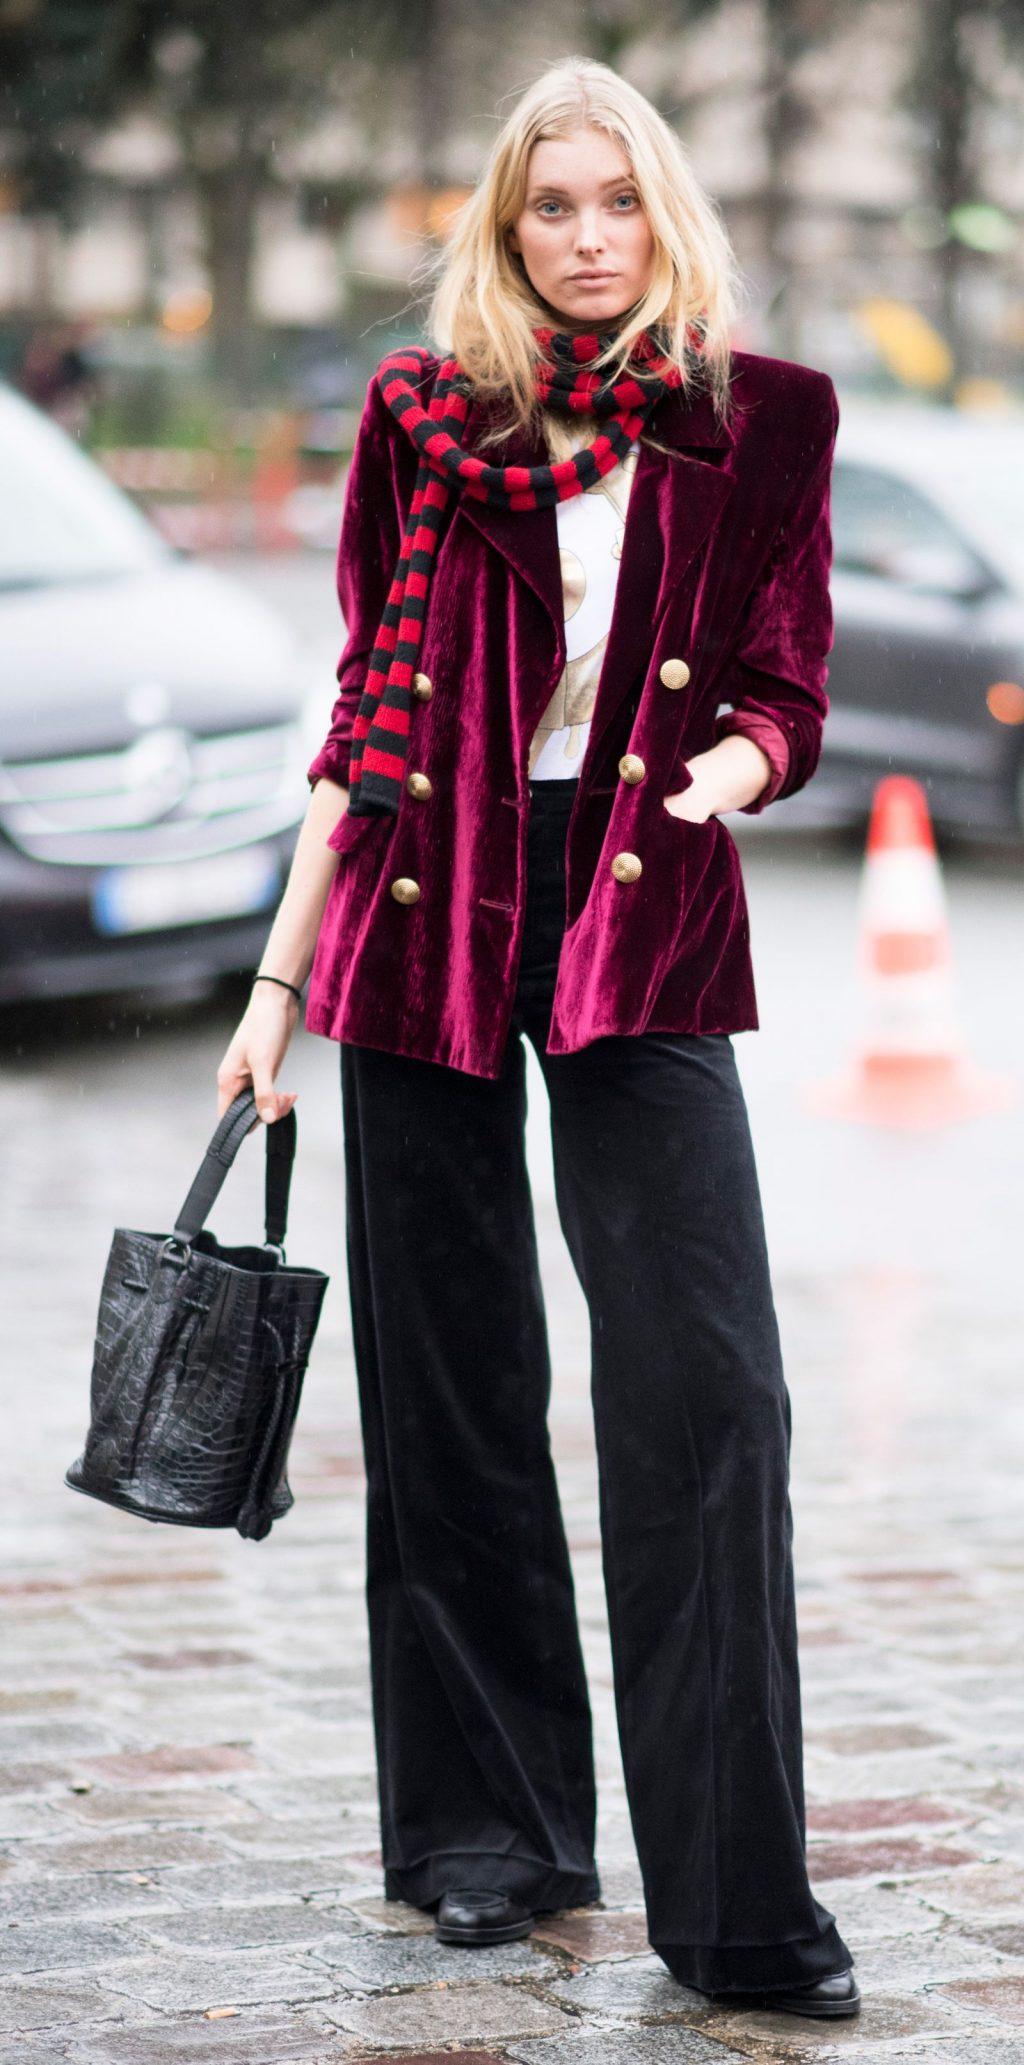 trang phục dự tiệc đỏ burgundy cho mùa lễ hội 31